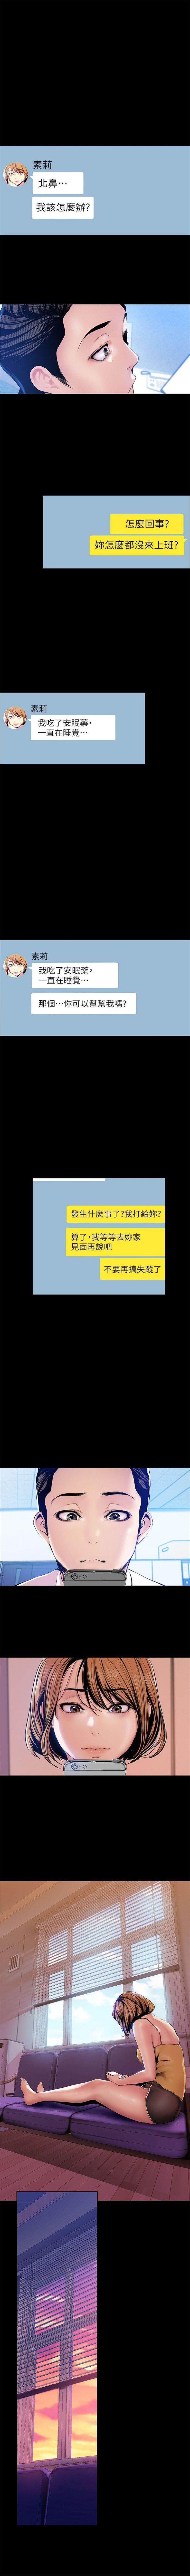 美麗新世界 1-85 官方中文(連載中) 310